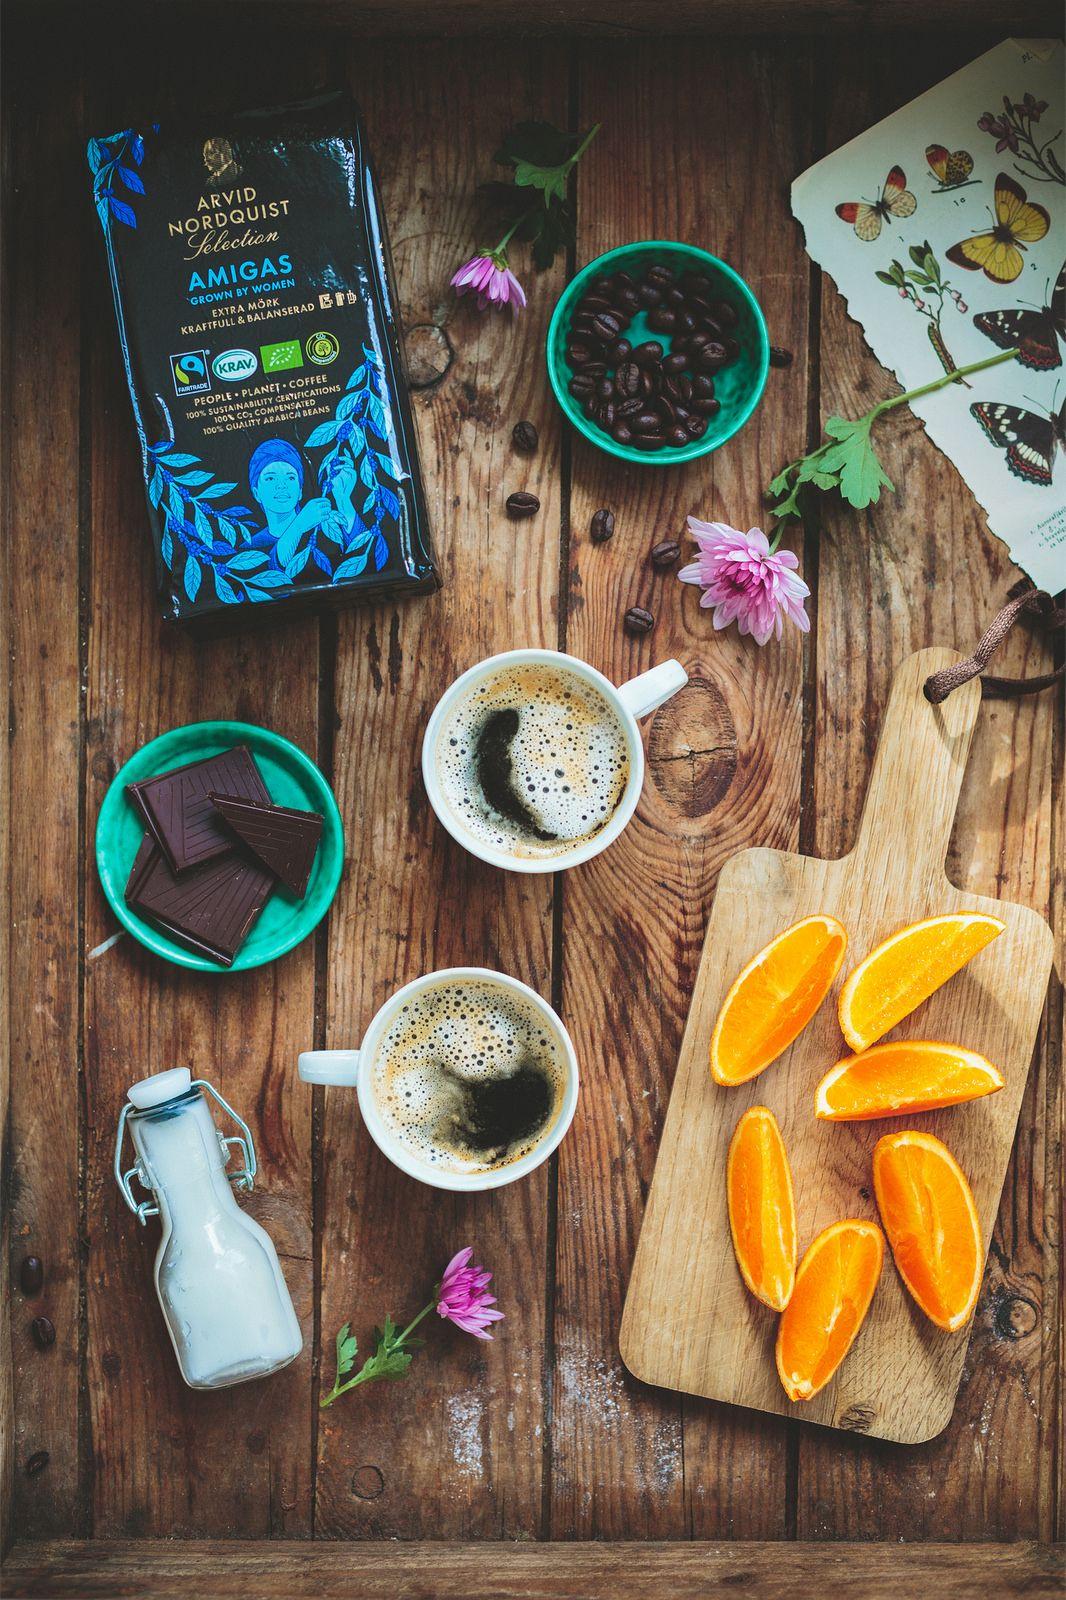 AMIGAS - Nytt kaffe från Arvid Nordquist - Evelinas Ekologiska